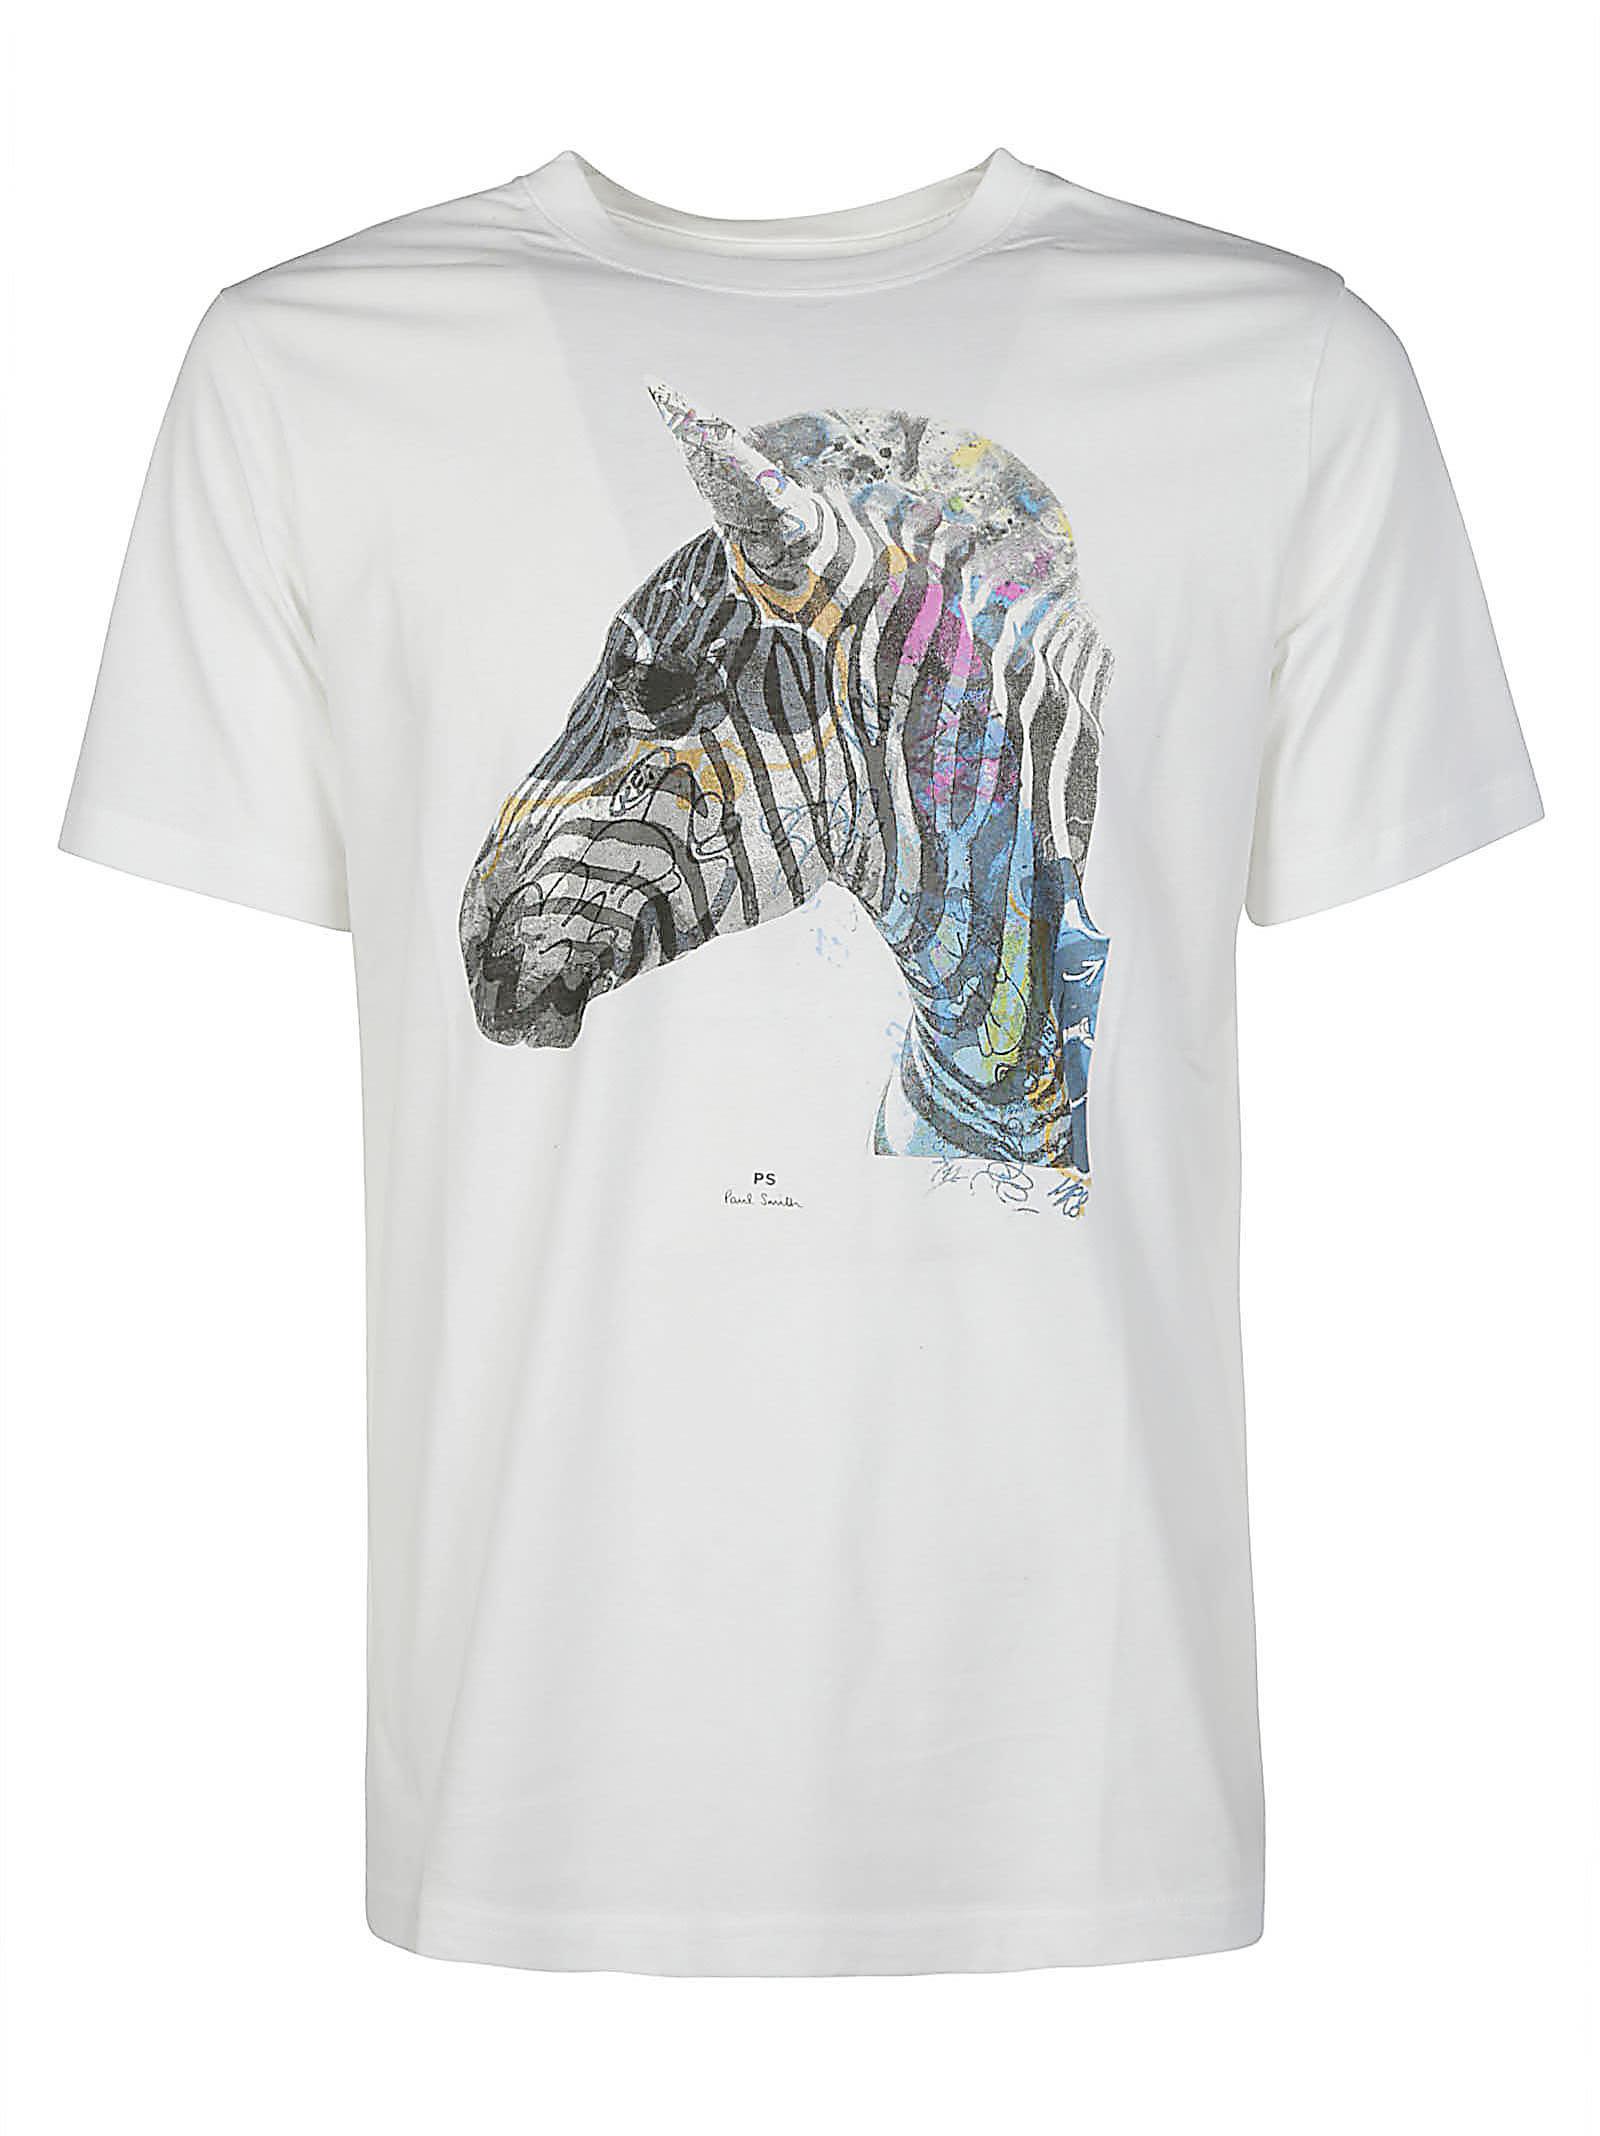 Regular Fit Graffiti T-shirt Paul Smith